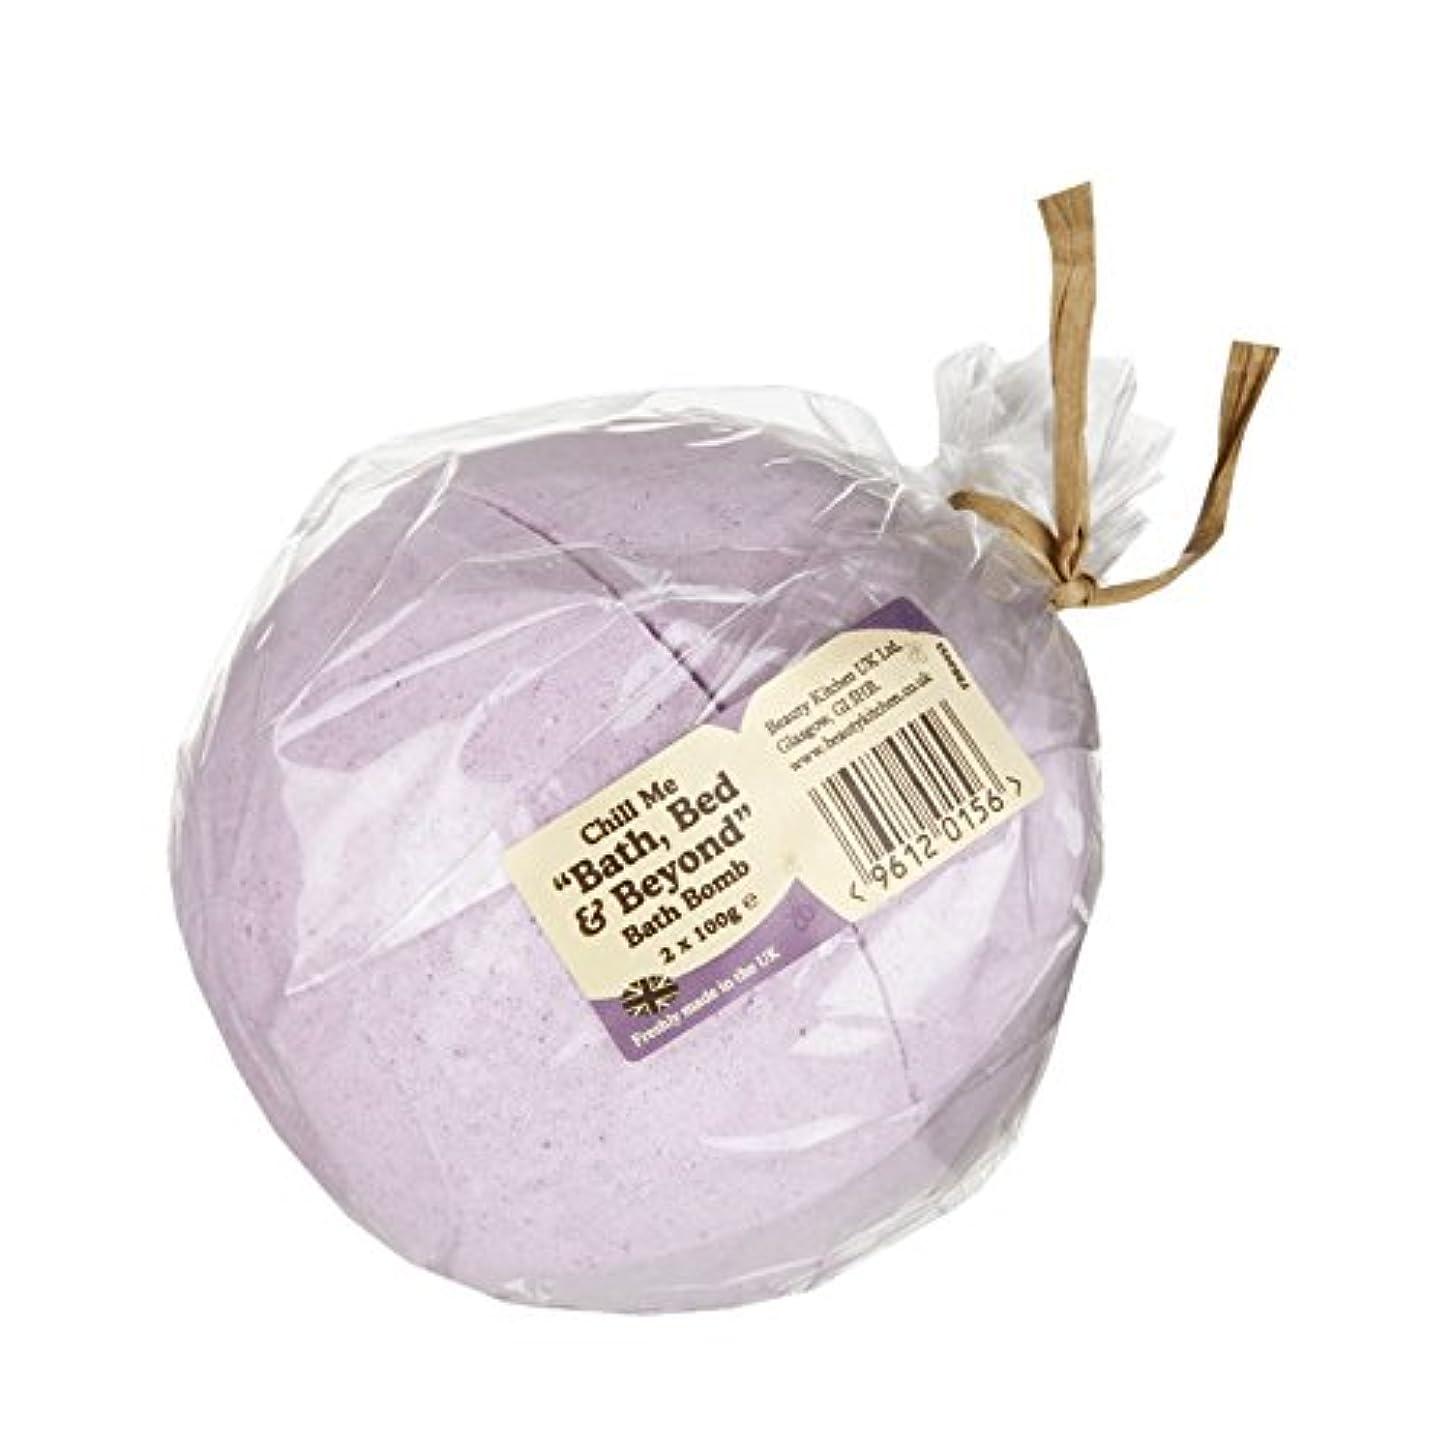 国旗ペルソナ征服するBeauty Kitchen Chill Me Bath, Bed & Beyond Bath Bomb 2 x 100g (Pack of 2) - 美しさのキッチンには、バスタブ、ベッド&バス爆弾2×100グラムを超...